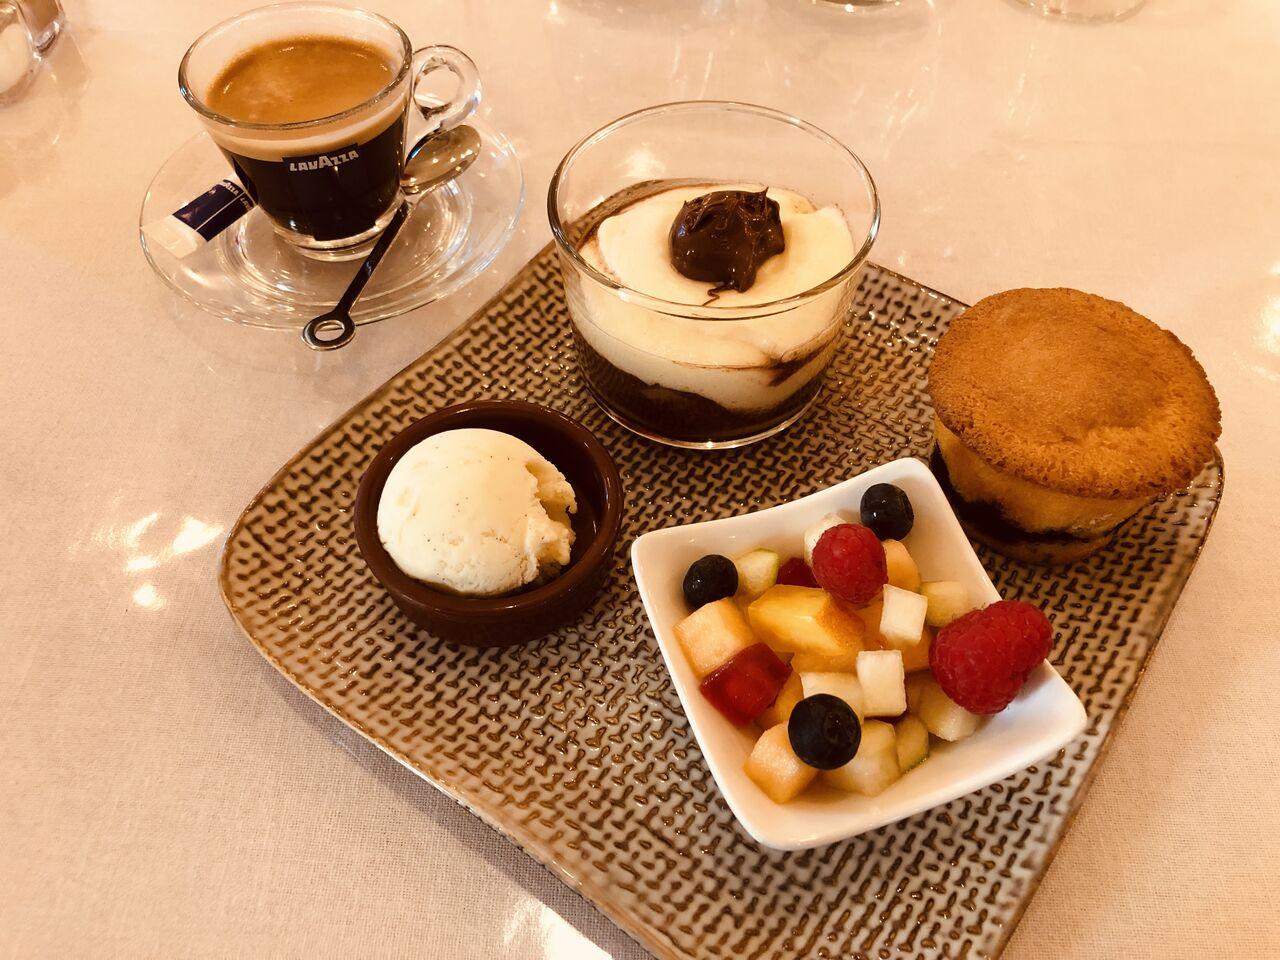 Notre café très gourmand, avec le café Lavazza